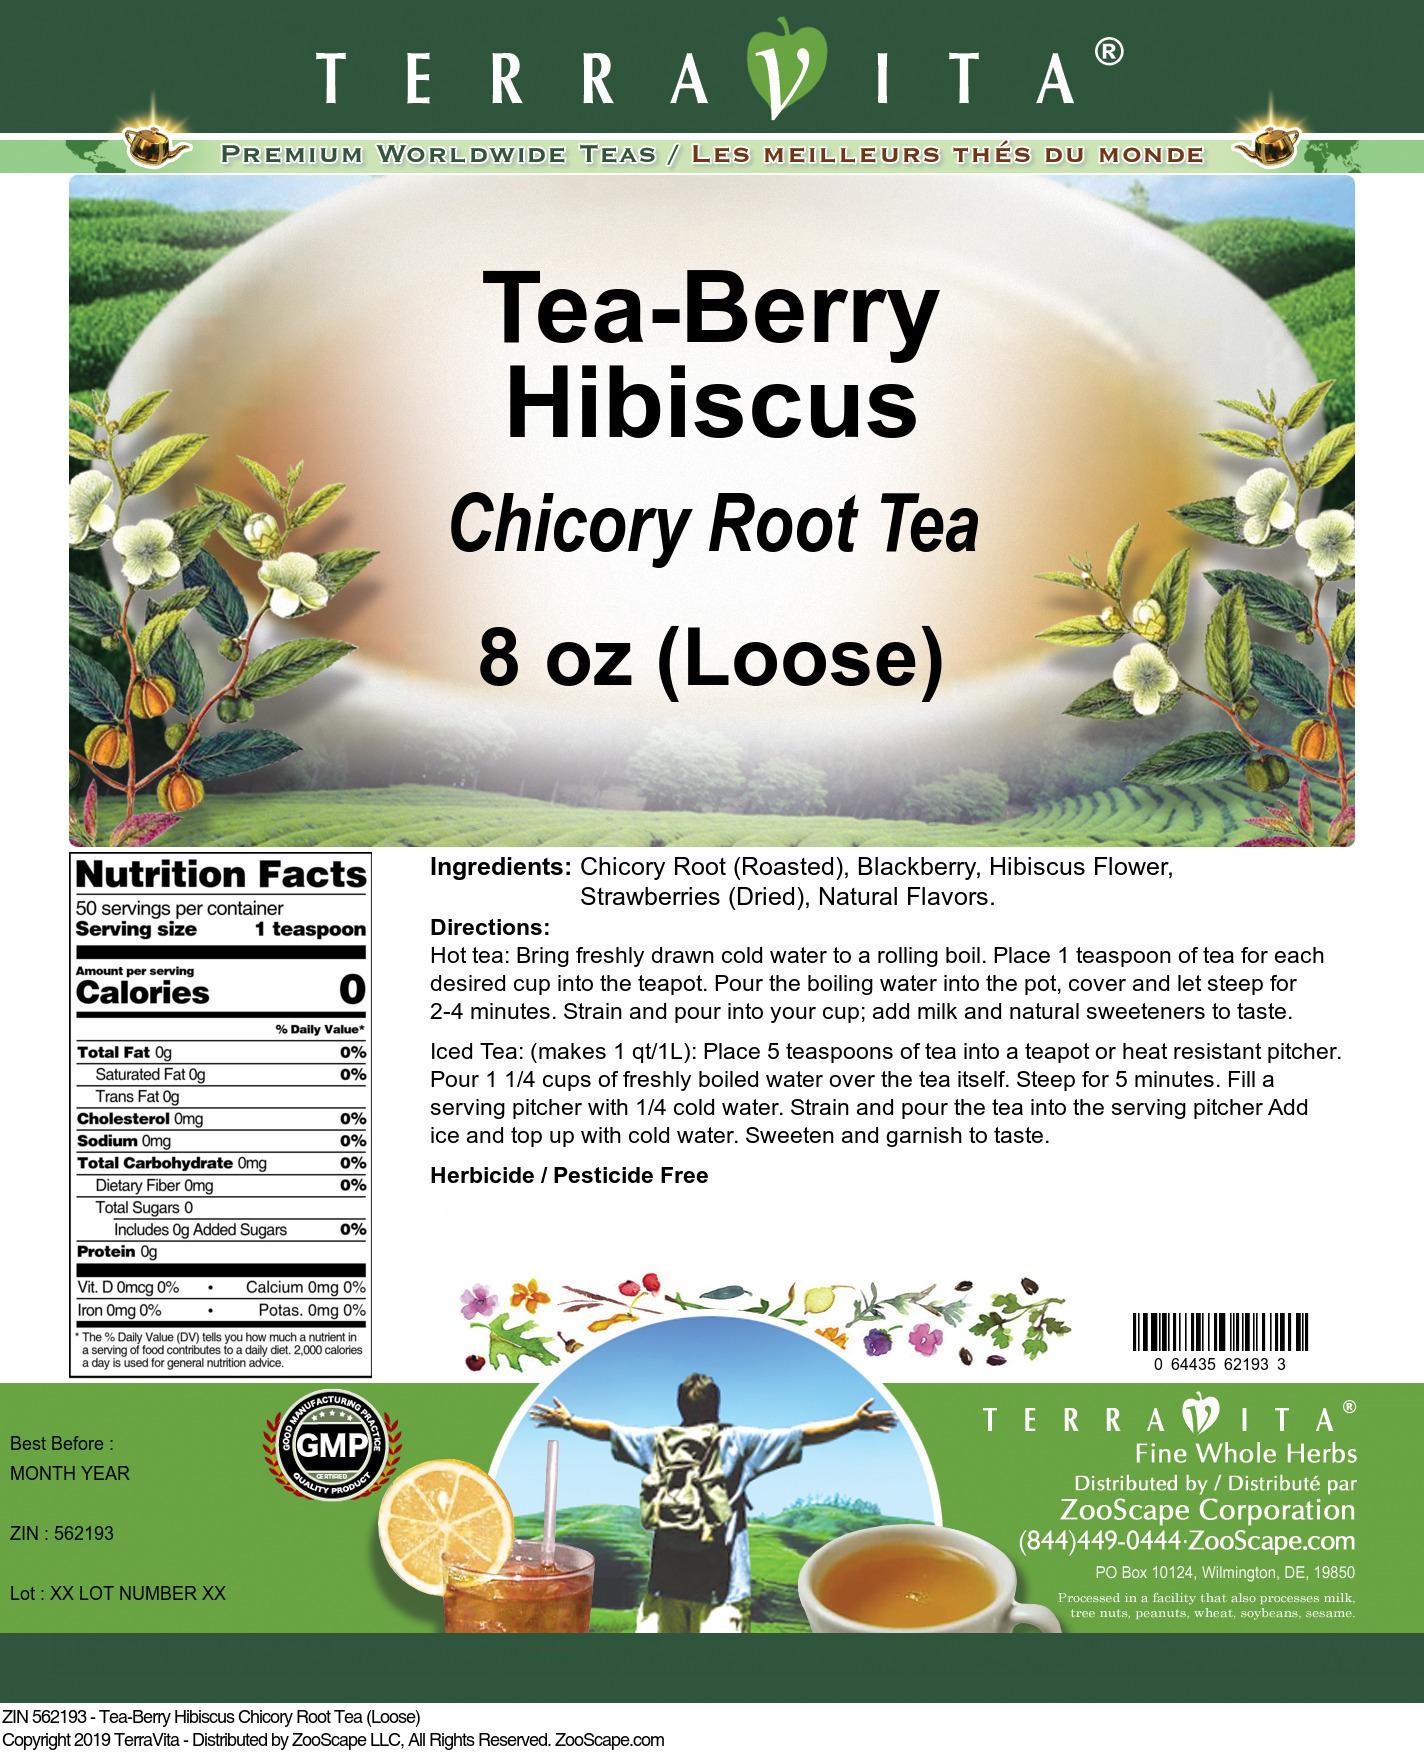 Tea-Berry Hibiscus Chicory Root Tea (Loose)